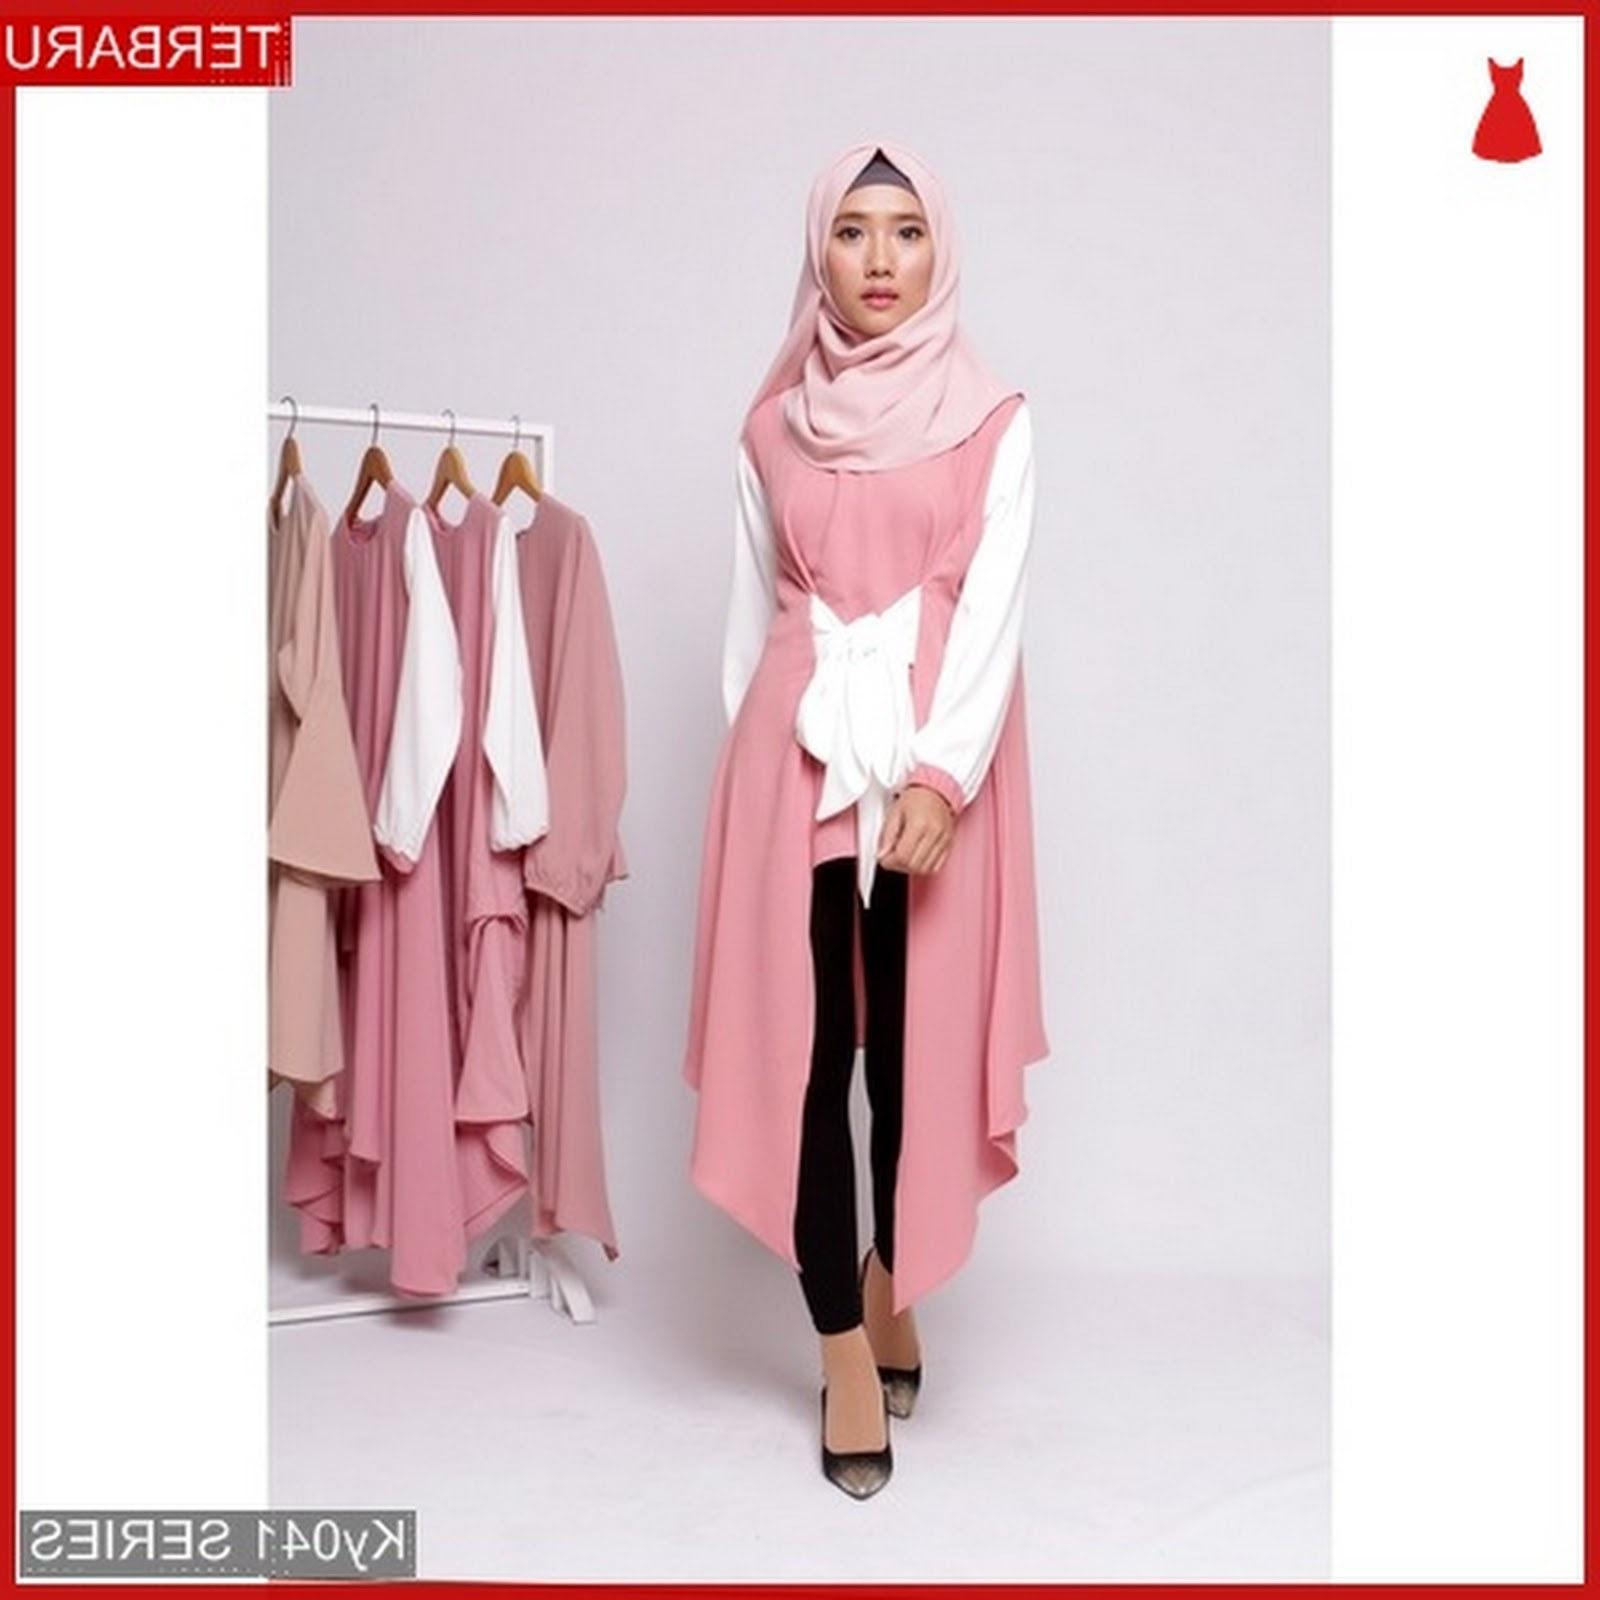 Inspirasi Baju Lebaran Yg Lagi Ngetren Qwdq Dapatkan Baju Muslim Lebaran Paling Keren Terbaru Di Bmg